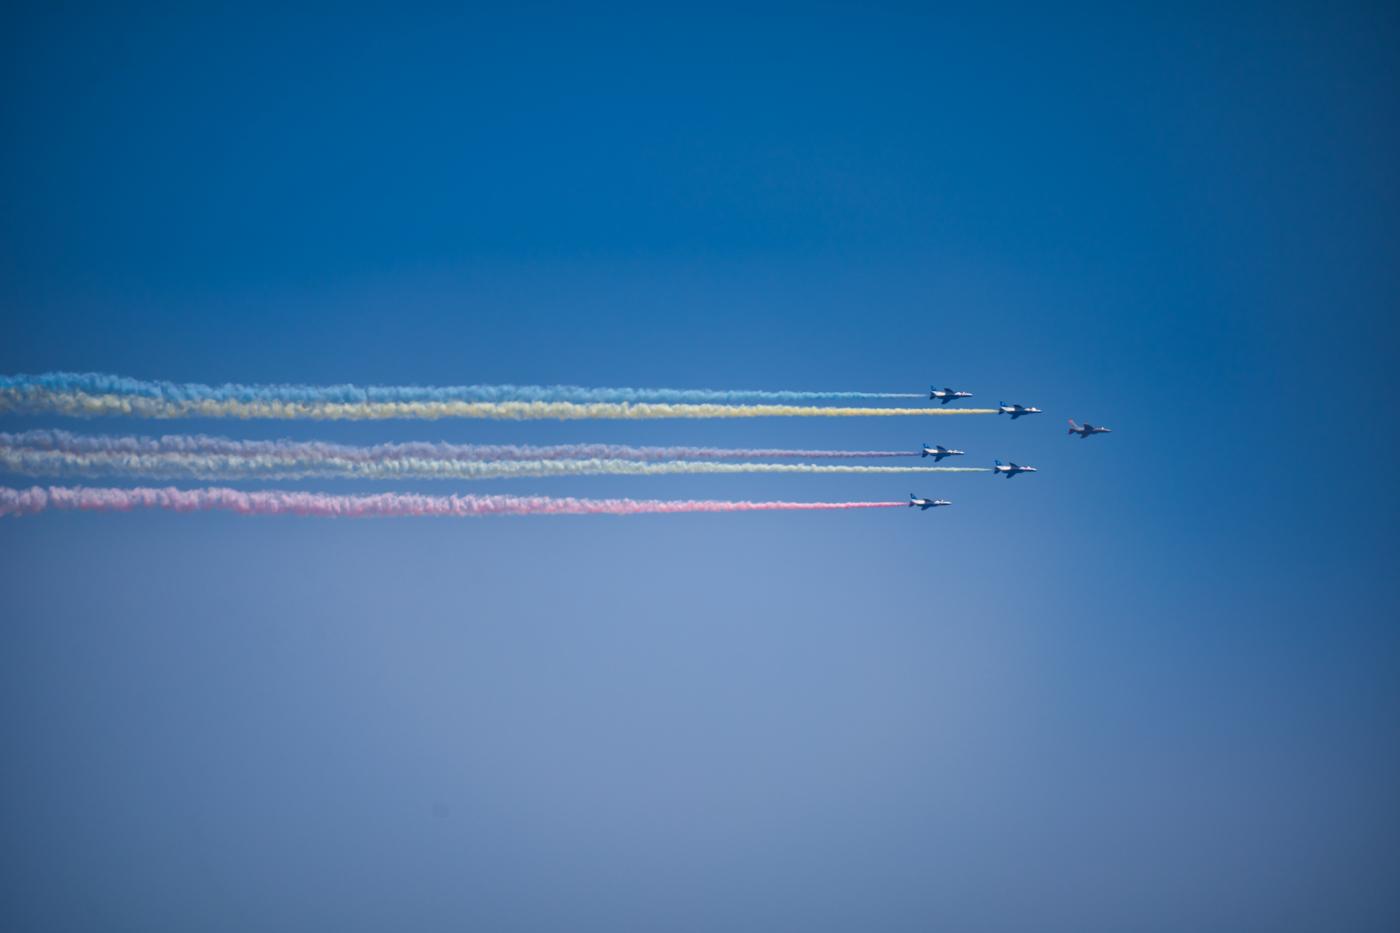 ブルーインパルスの五輪カラースモーク展示飛行を撮ったっ!